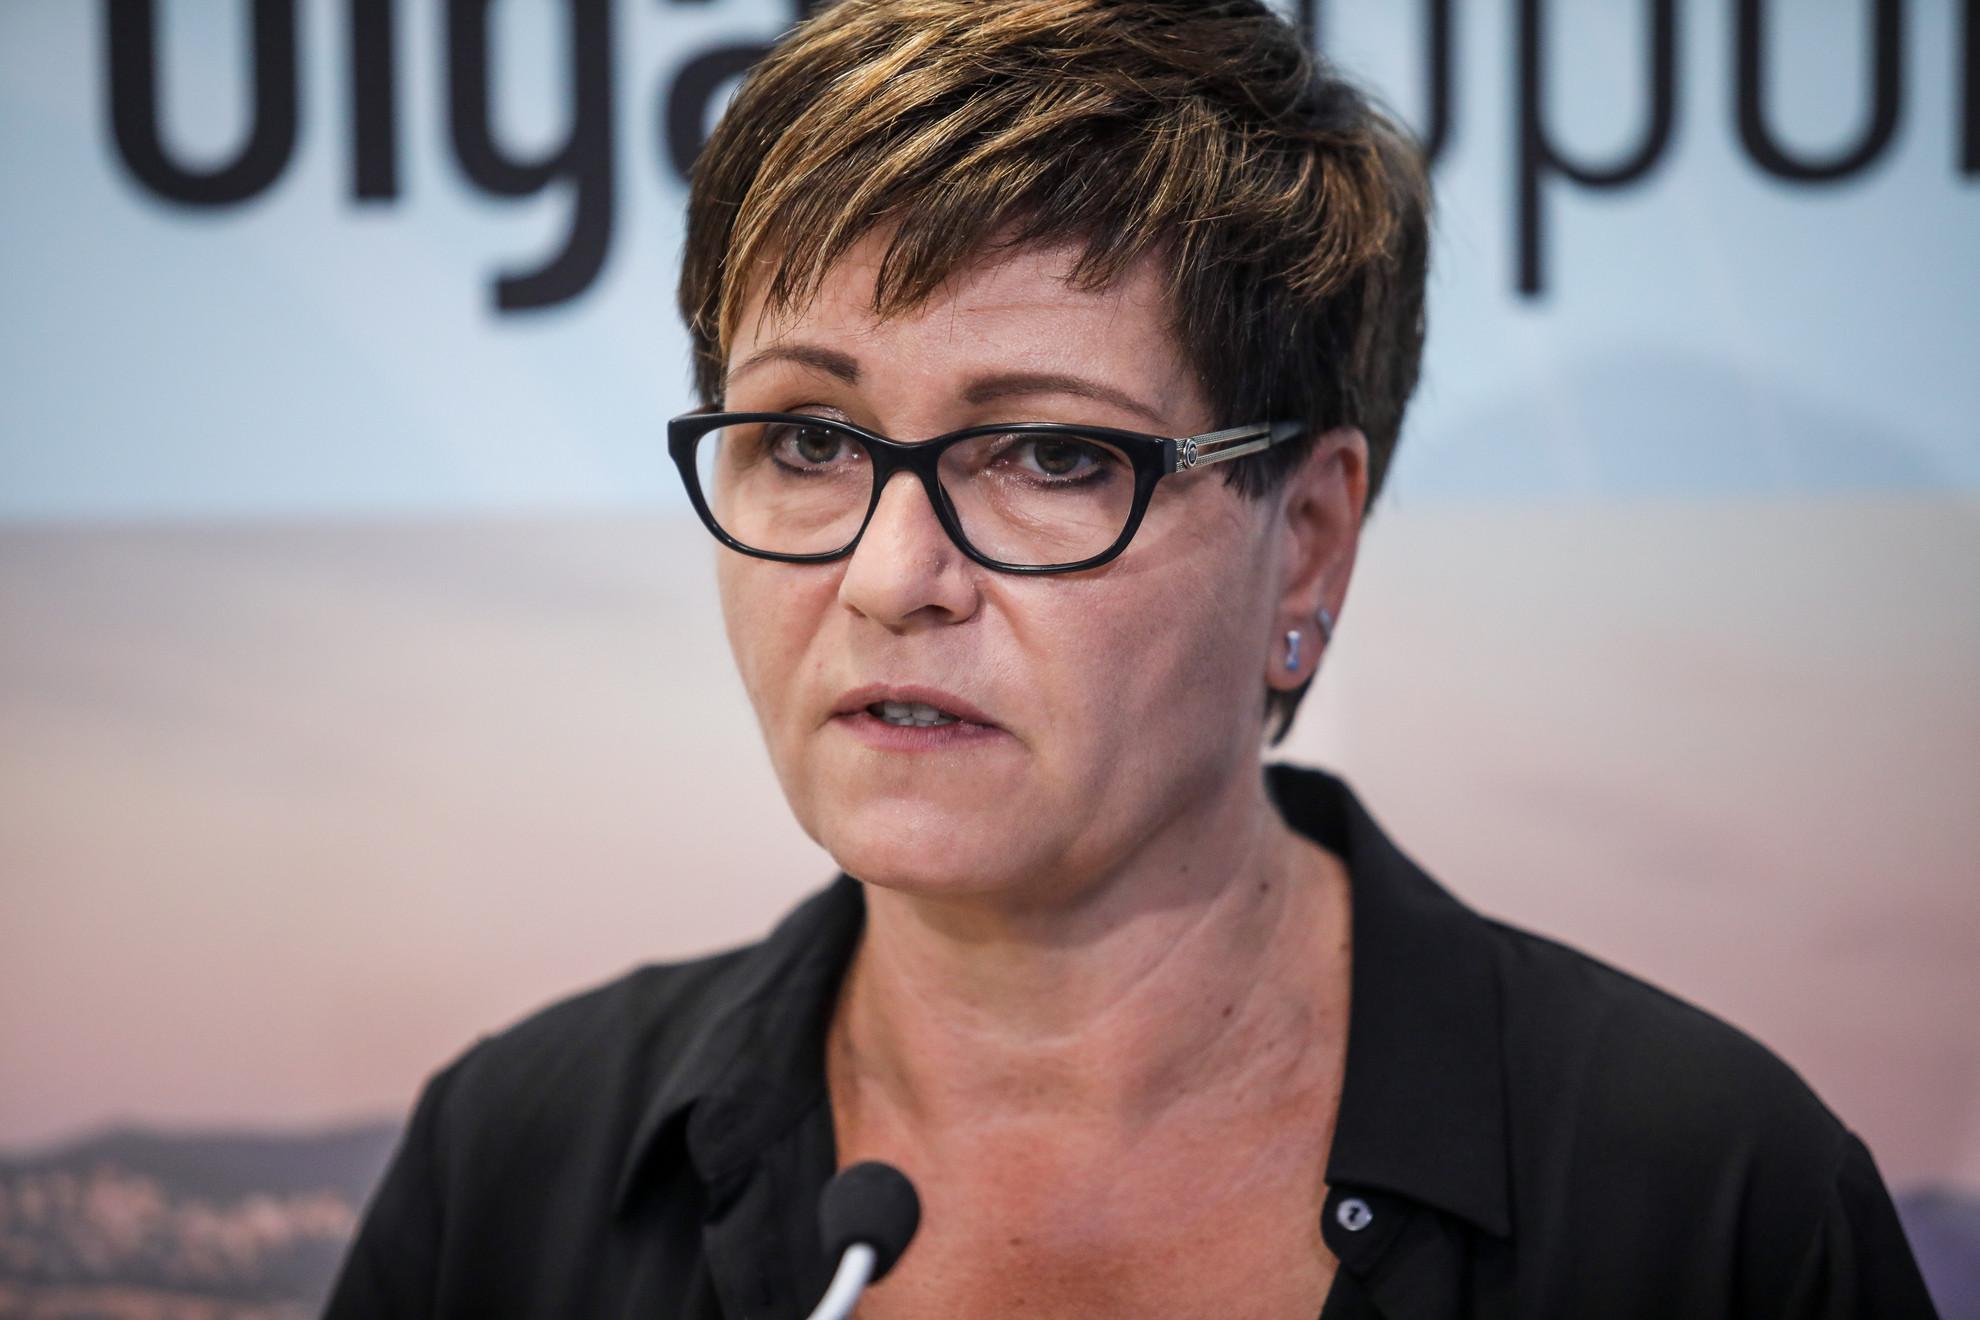 A DK jelöltje cáfolta, hogy Karácsony Gergely konkrét fővárosi posztra kérte volna fel